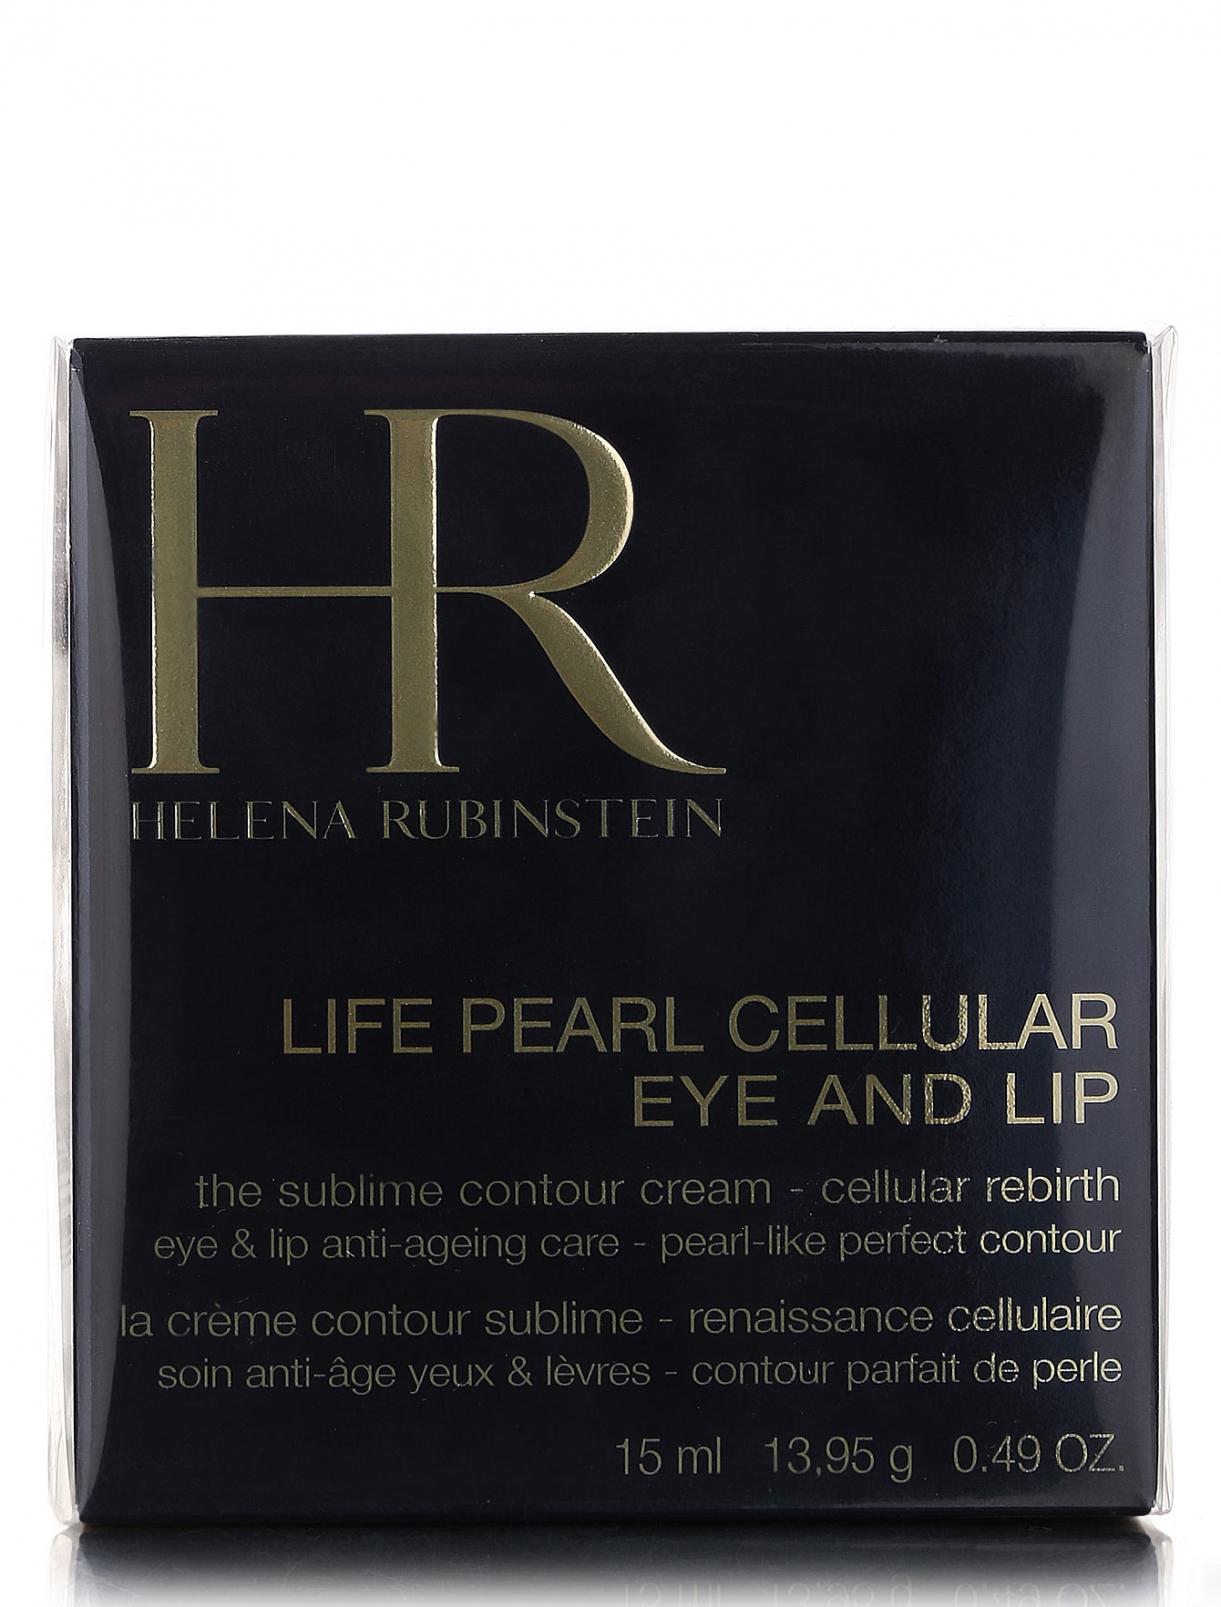 Уход с клеточным комплексом для глаз и губ - Life Pearl, 15ml Helena Rubinstein  –  Модель Общий вид